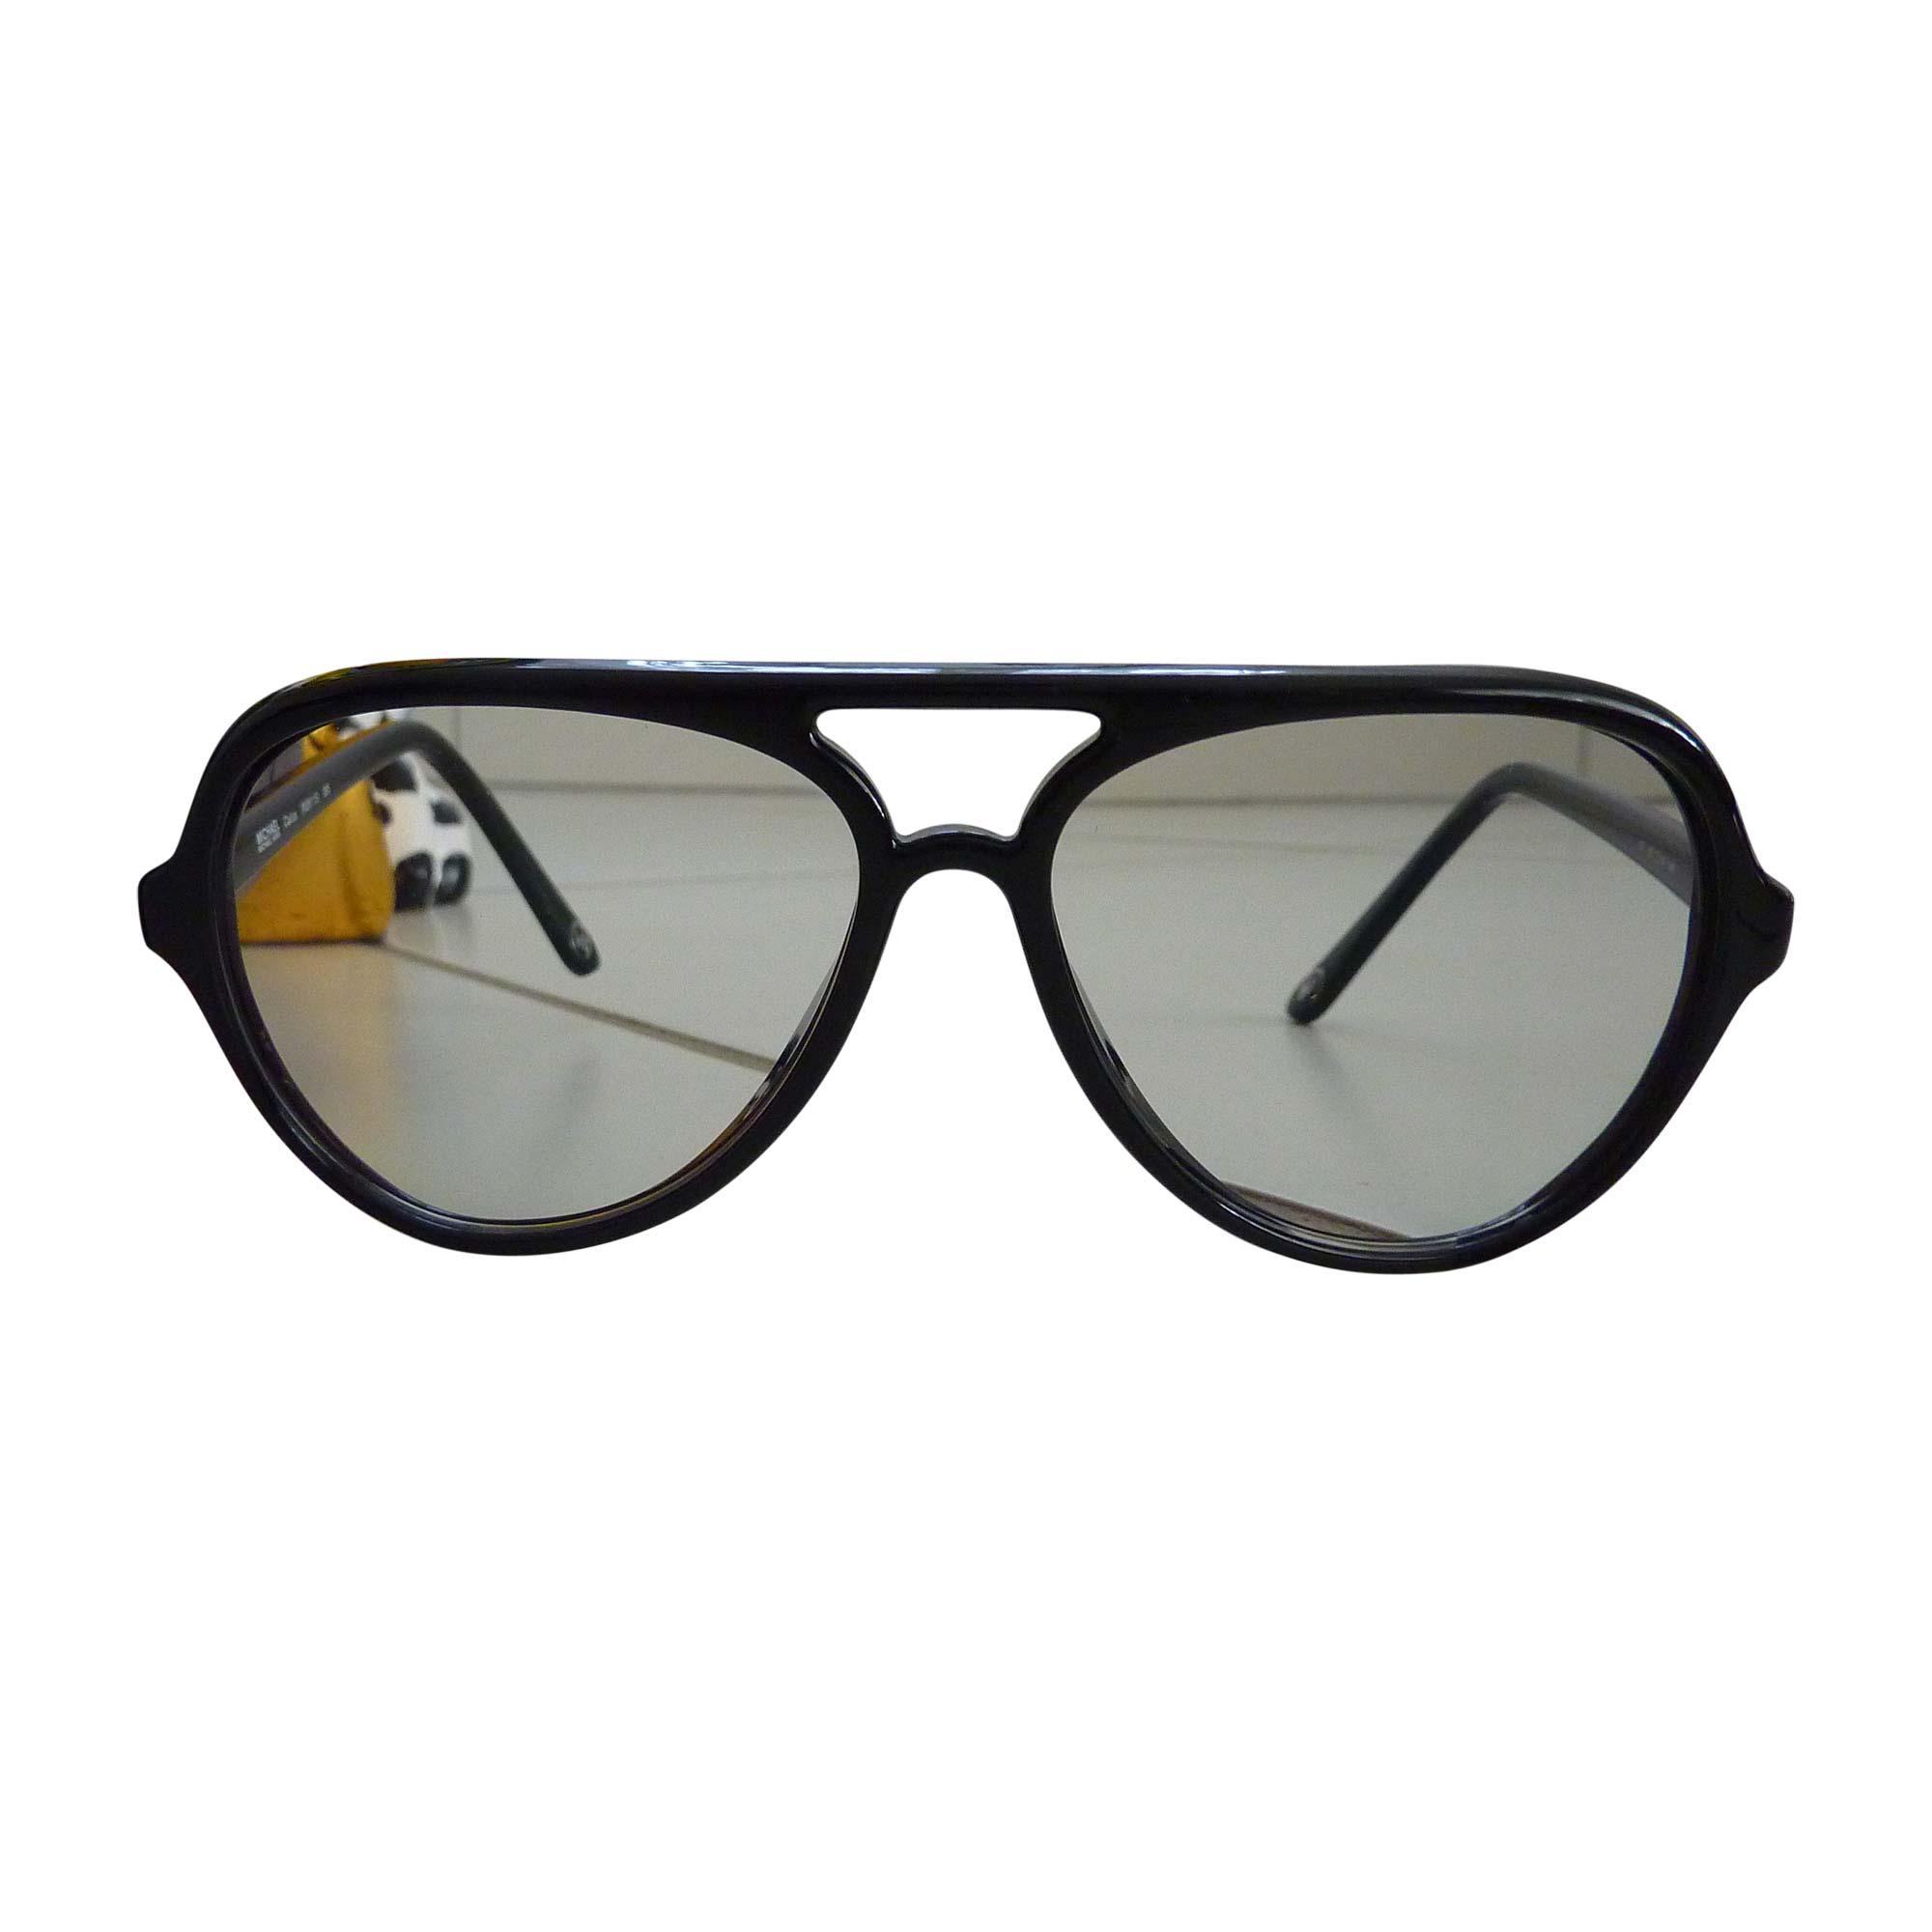 Monture de lunettes MICHAEL KORS noir - 5904768 73b7ee83988d